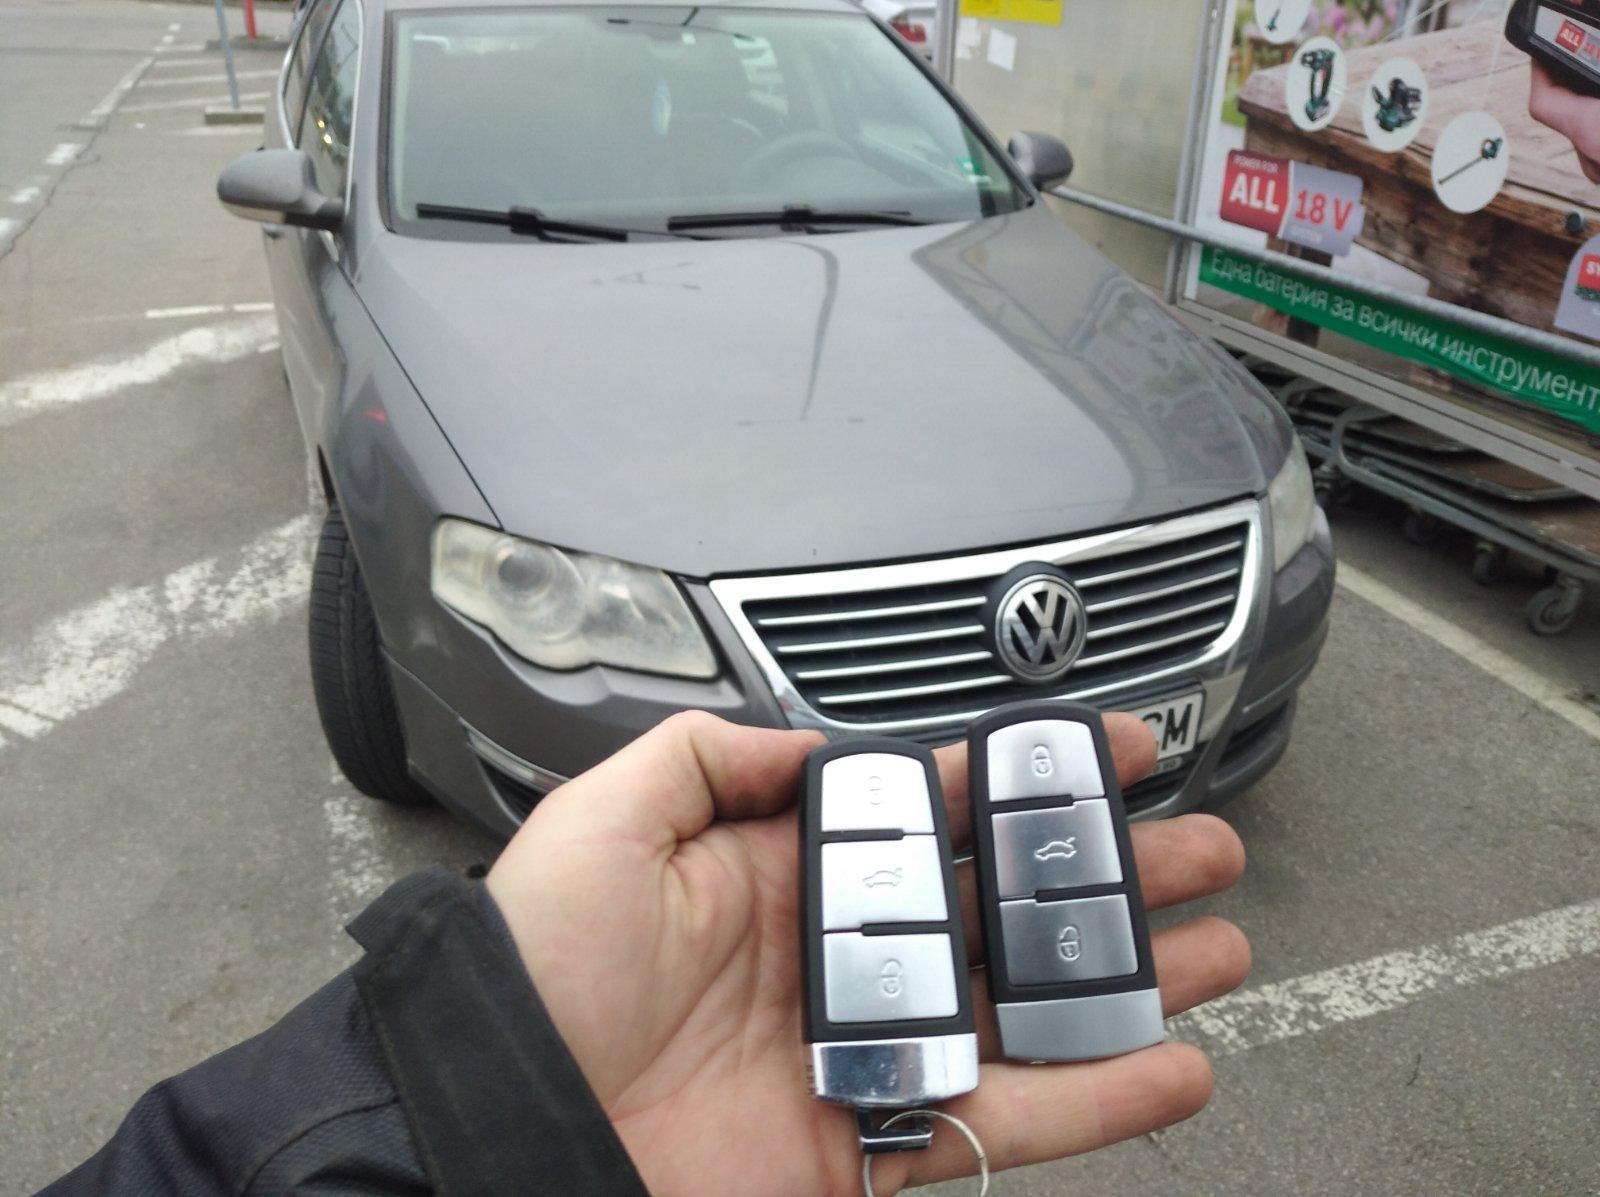 Ключ за VW Passat от 2007 г. Изработка на Дубликат